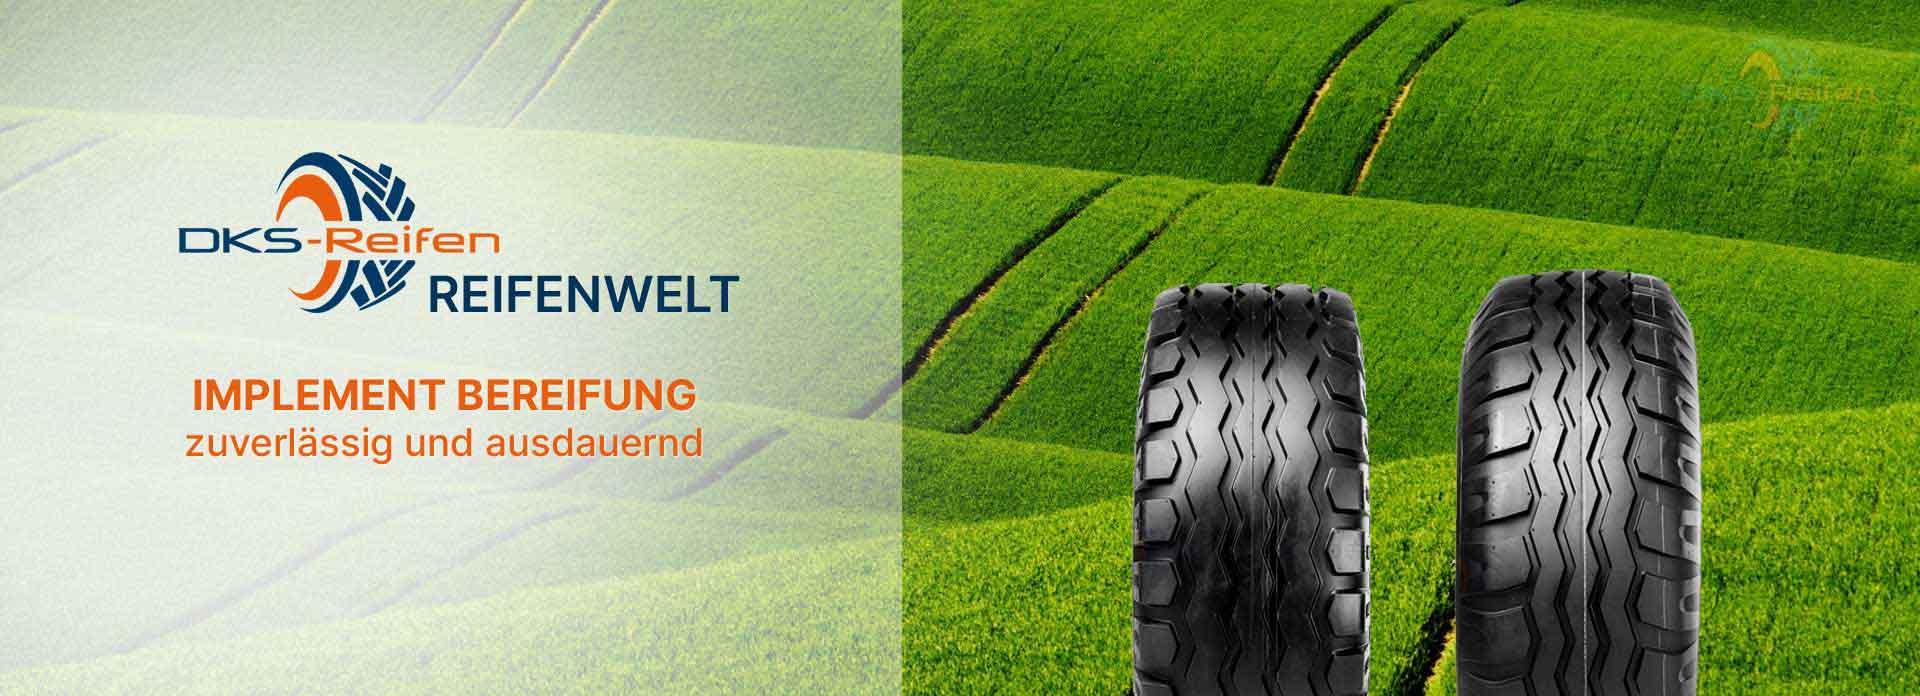 Reifen für Ladewagen und Anhänger in der Landwirtschaft